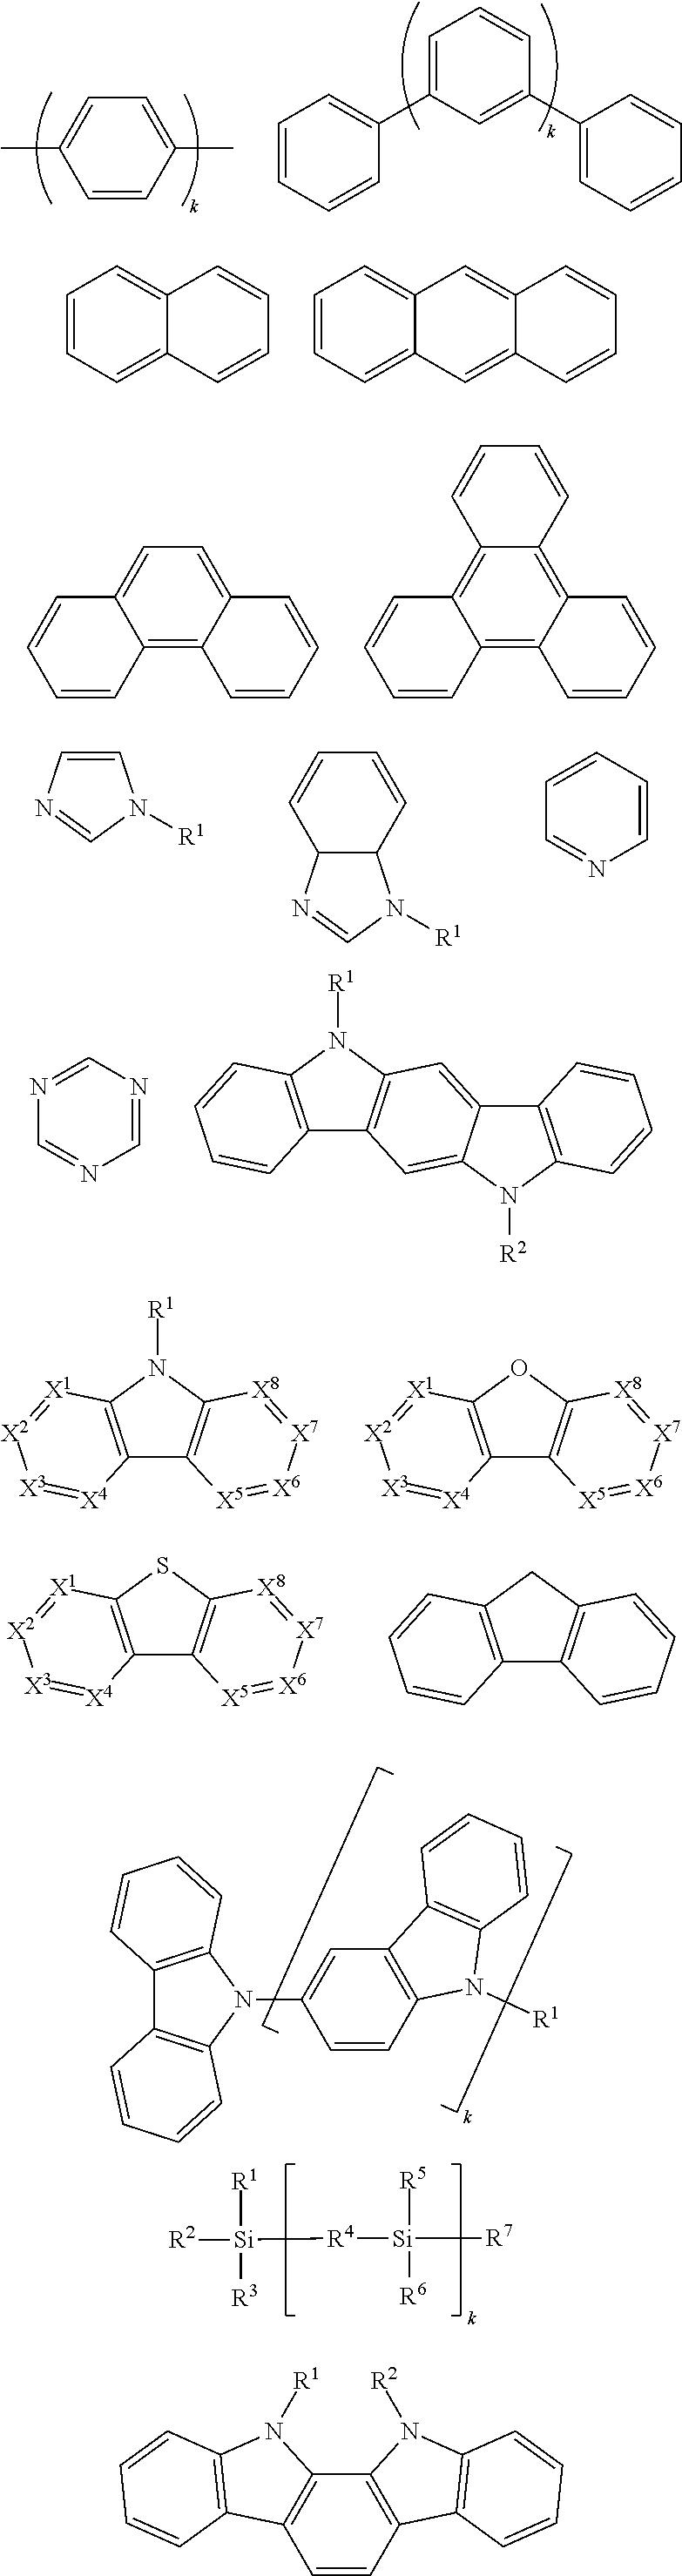 Figure US09972793-20180515-C00036